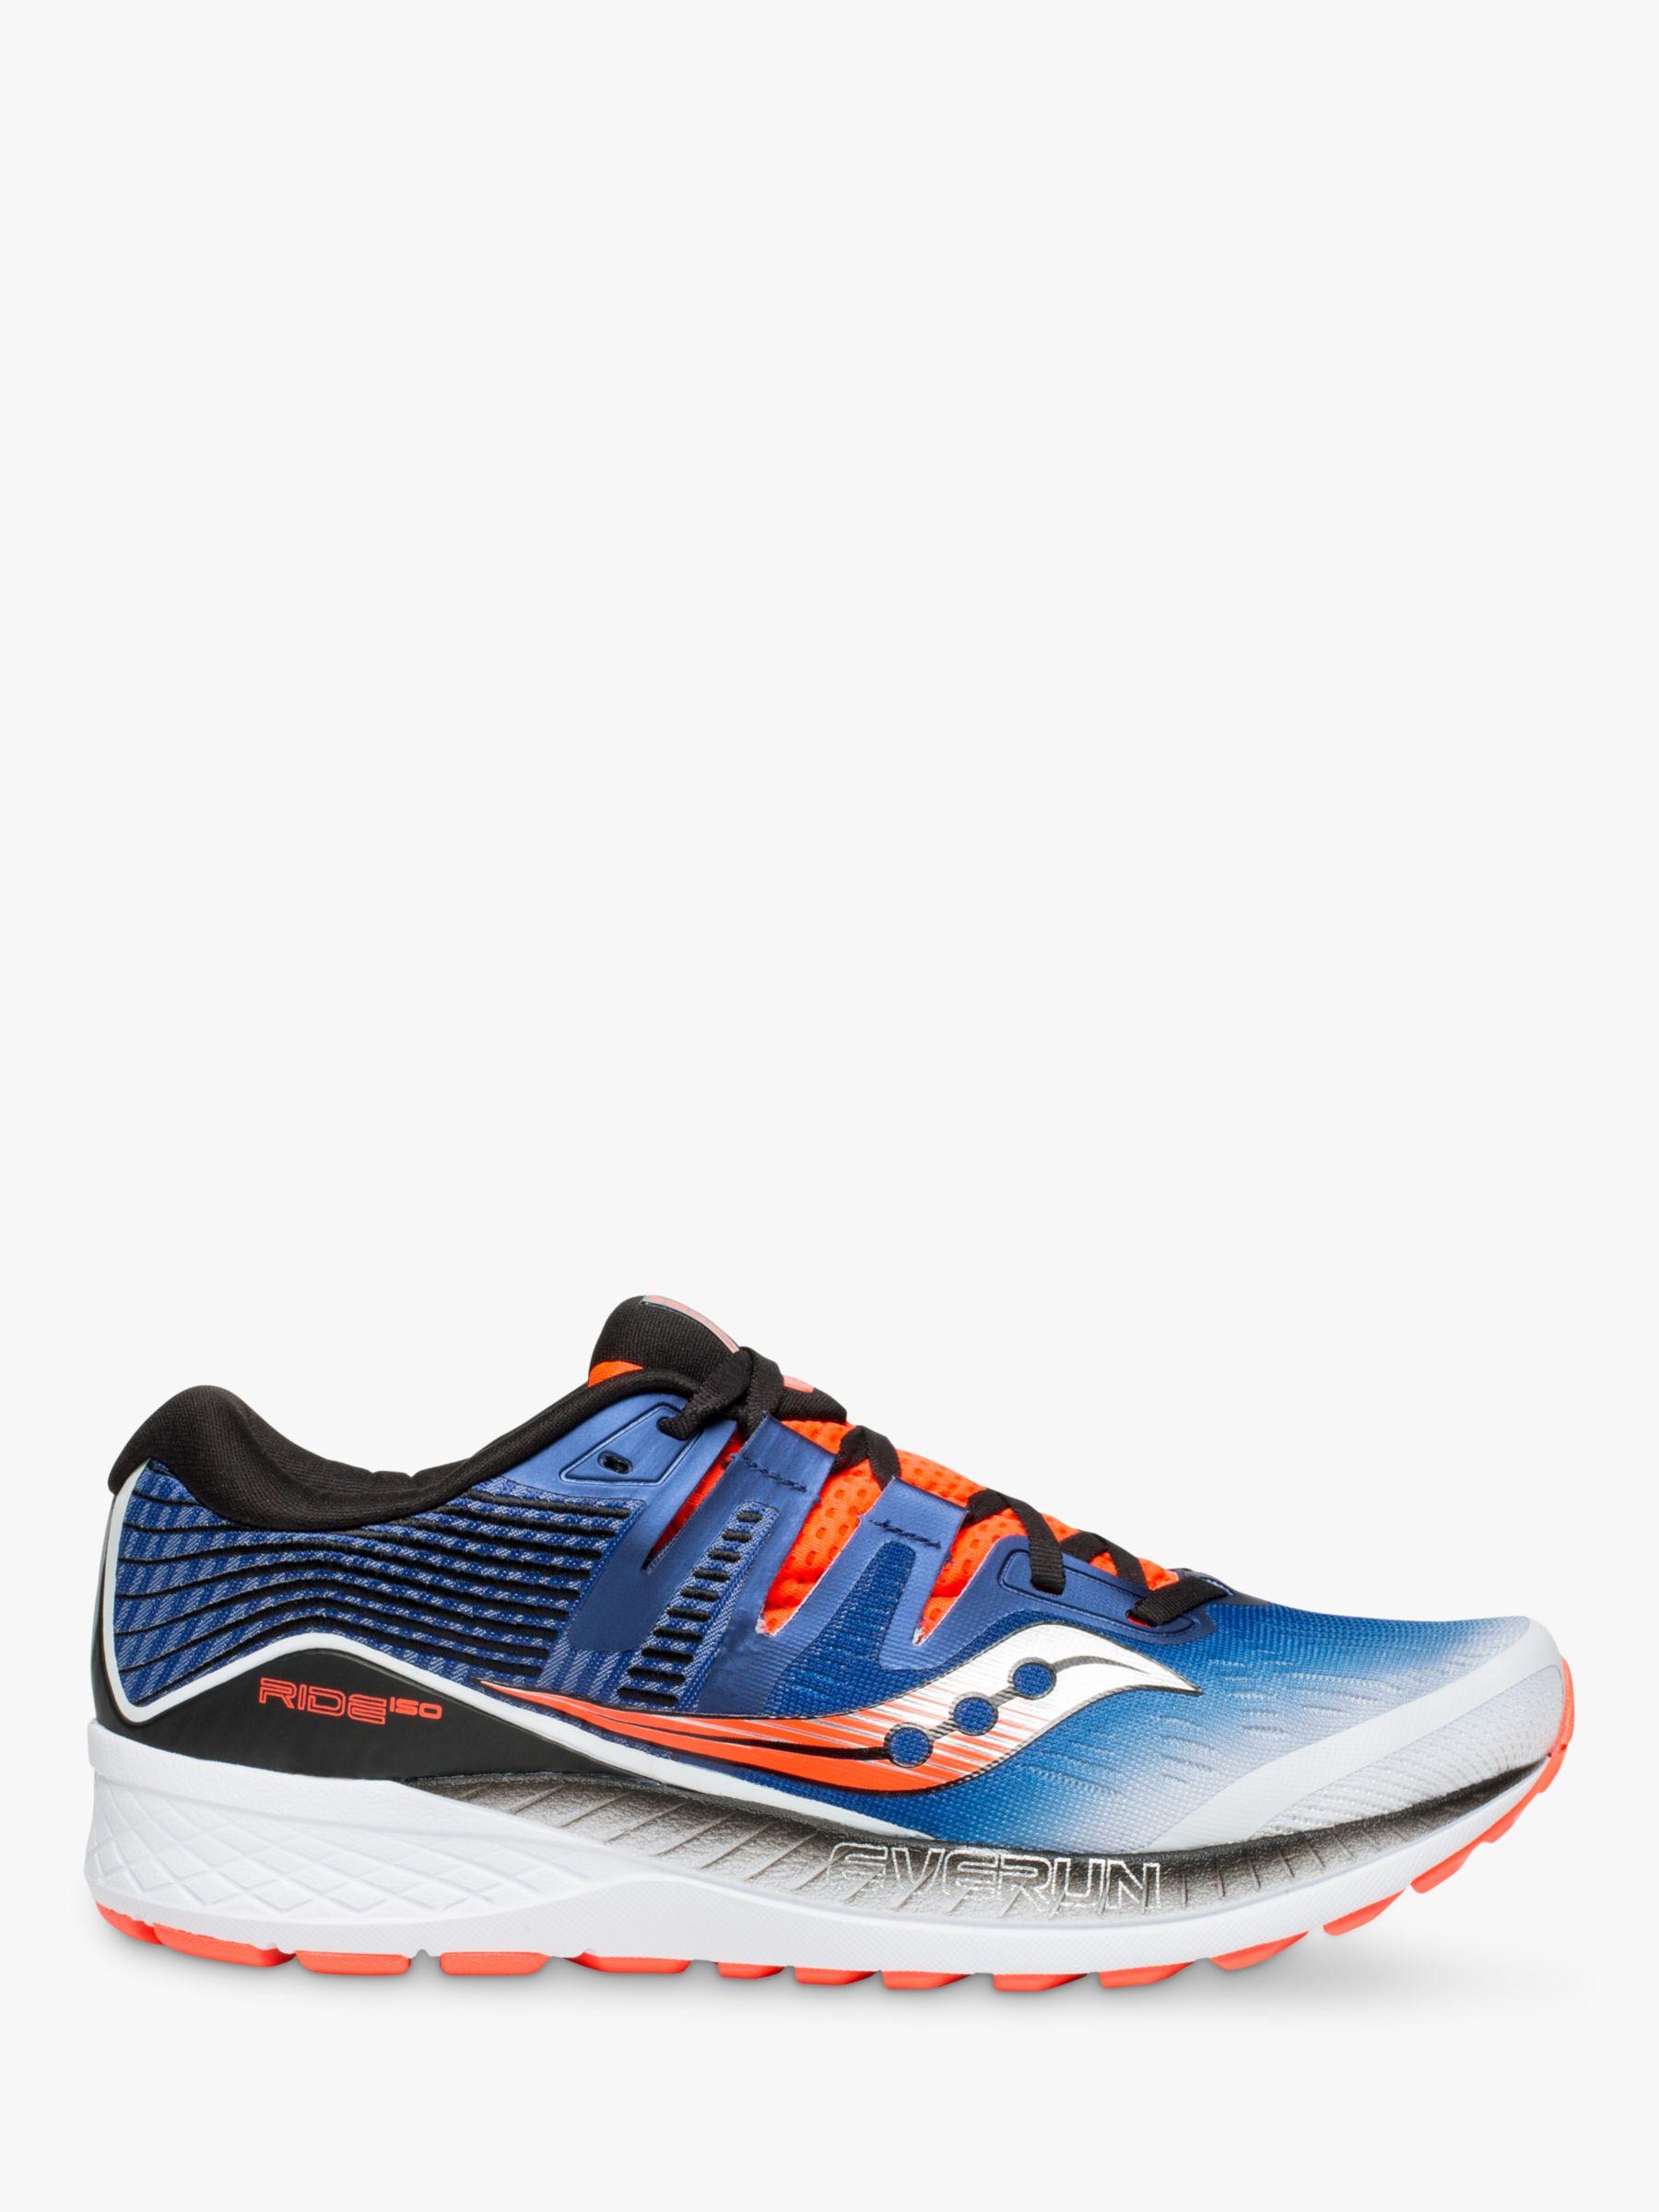 Saucony Saucony Ride ISO Men's Running Shoes